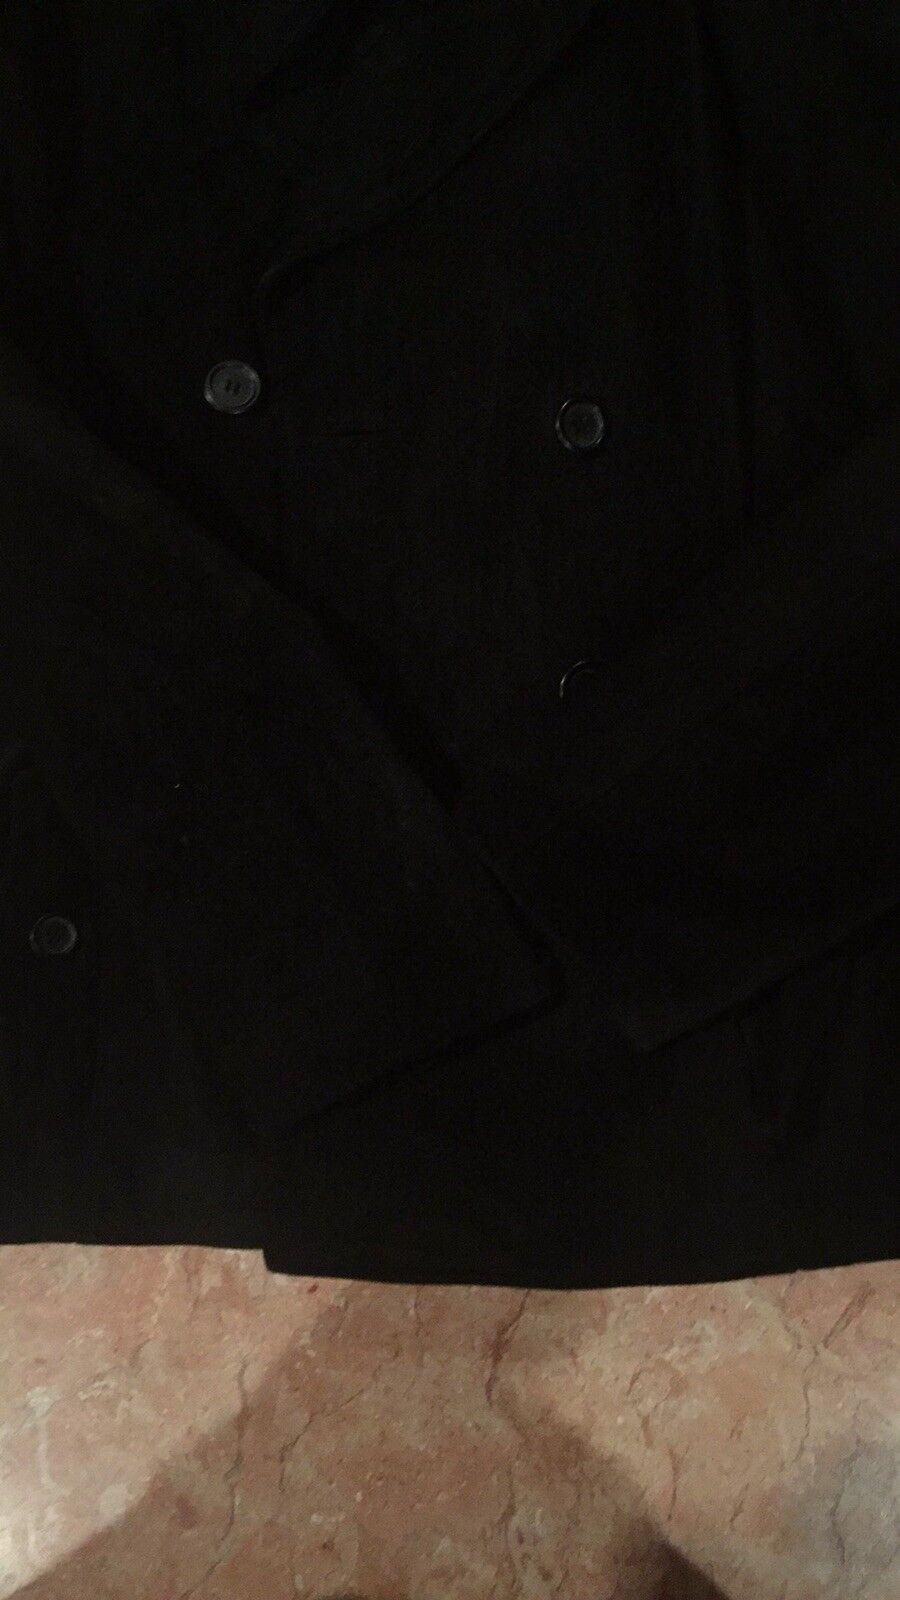 GLORIA VANDERBILT VANDERBILT VANDERBILT SUEDE COAT Size 10 9489da